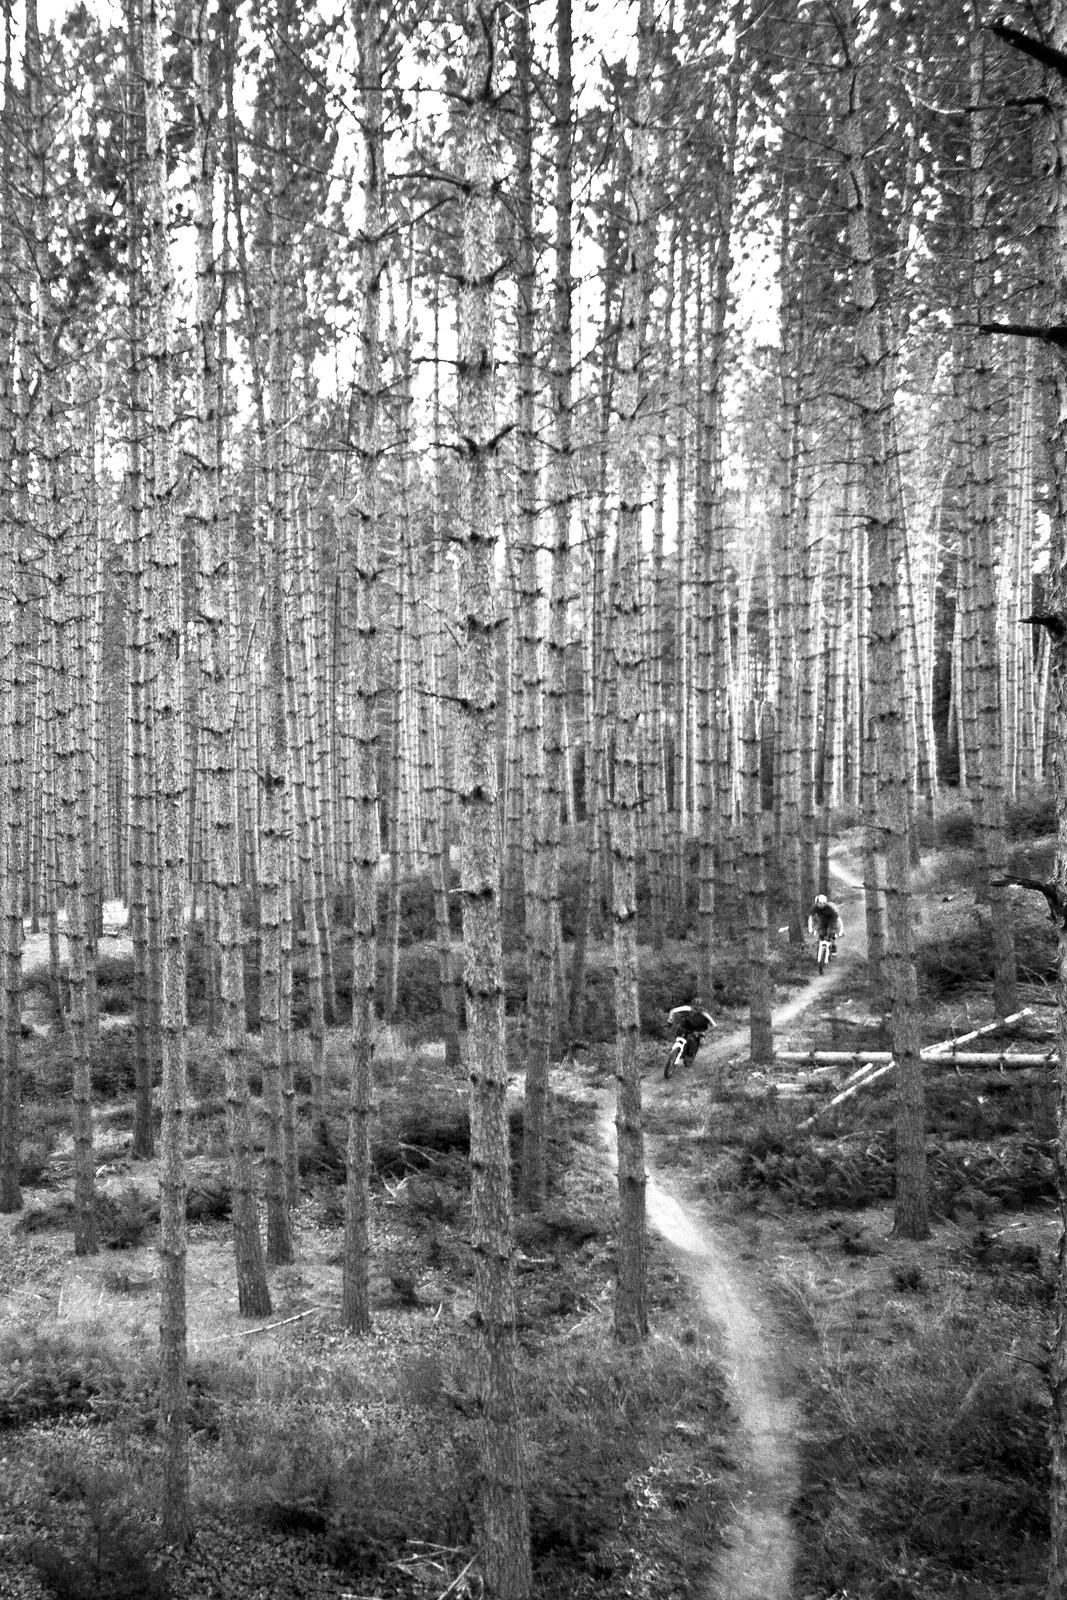 photo via Mountain Bike Vermont